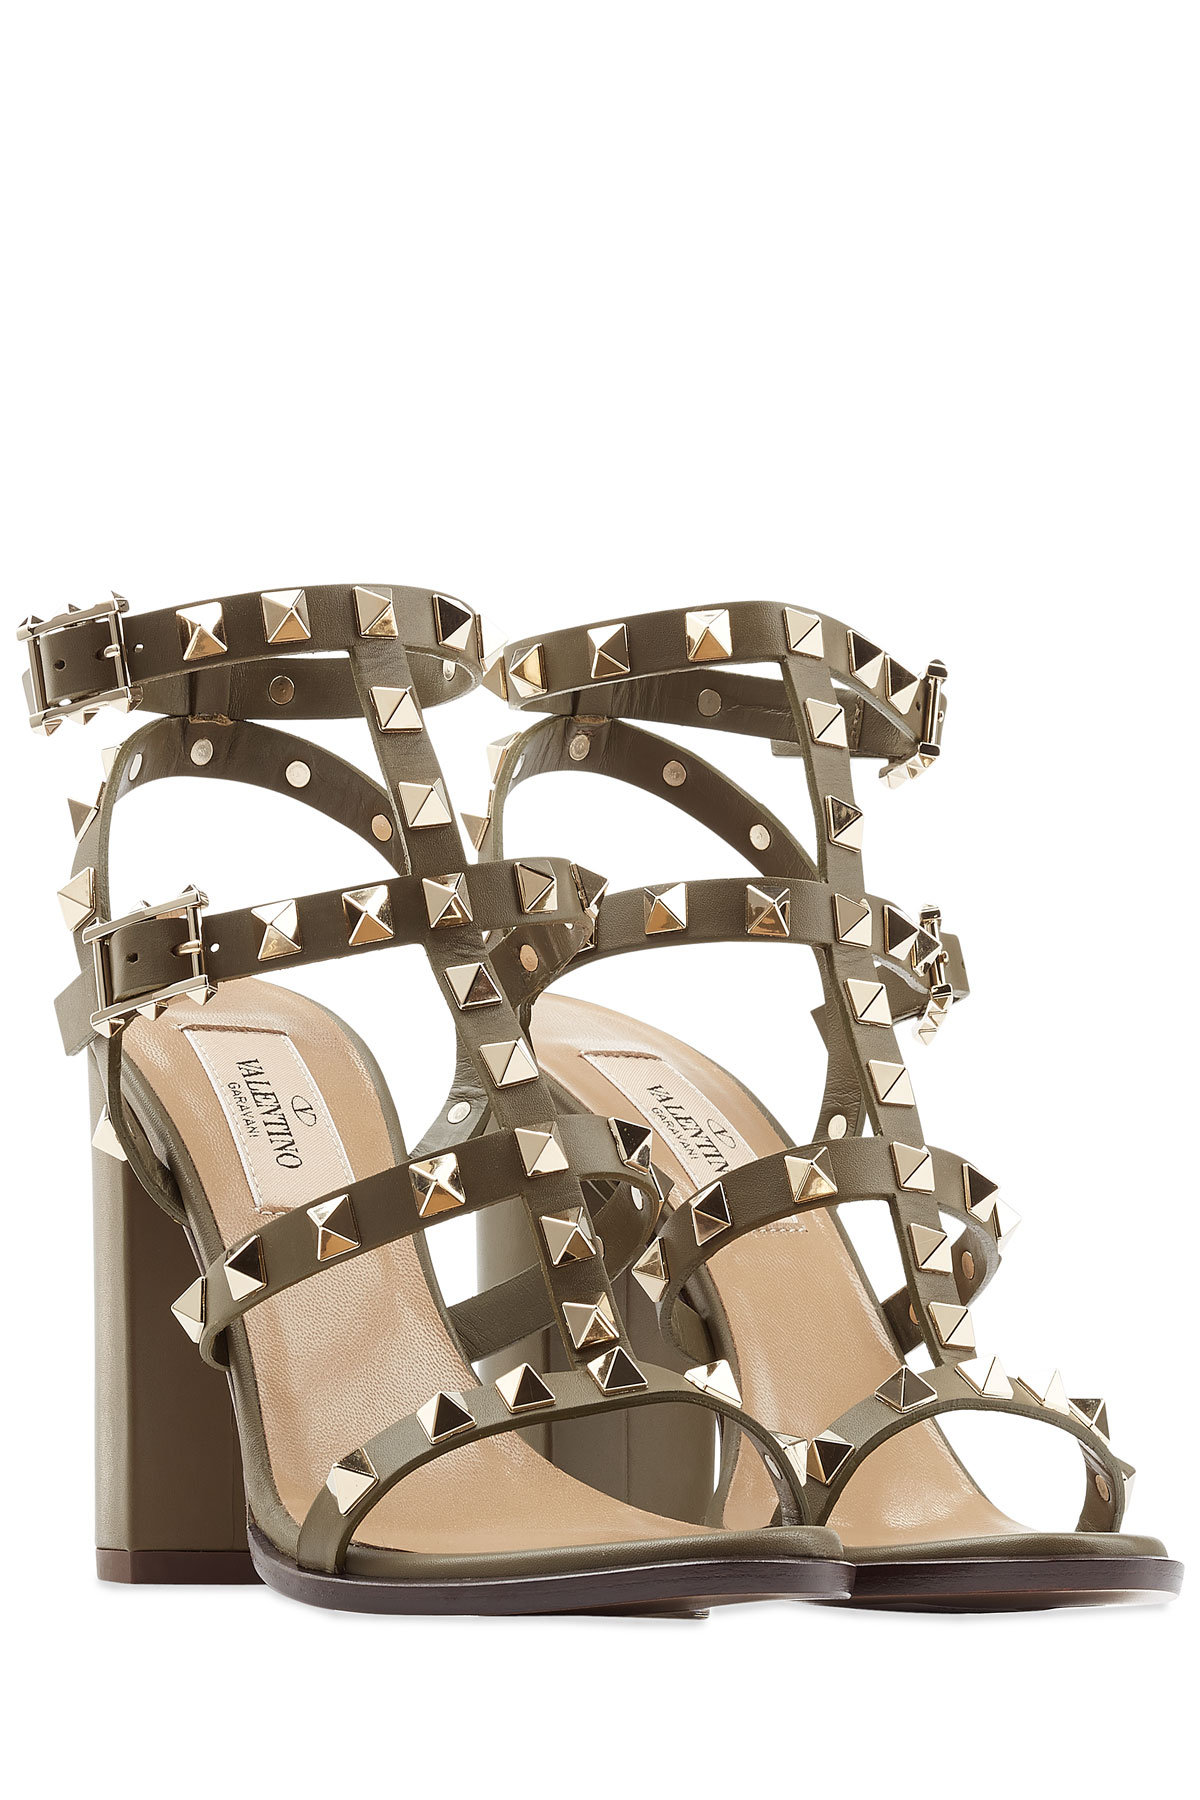 fc3f3ca6f Valentino Rockstud Block Heel Leather Sandals in Natural - Lyst